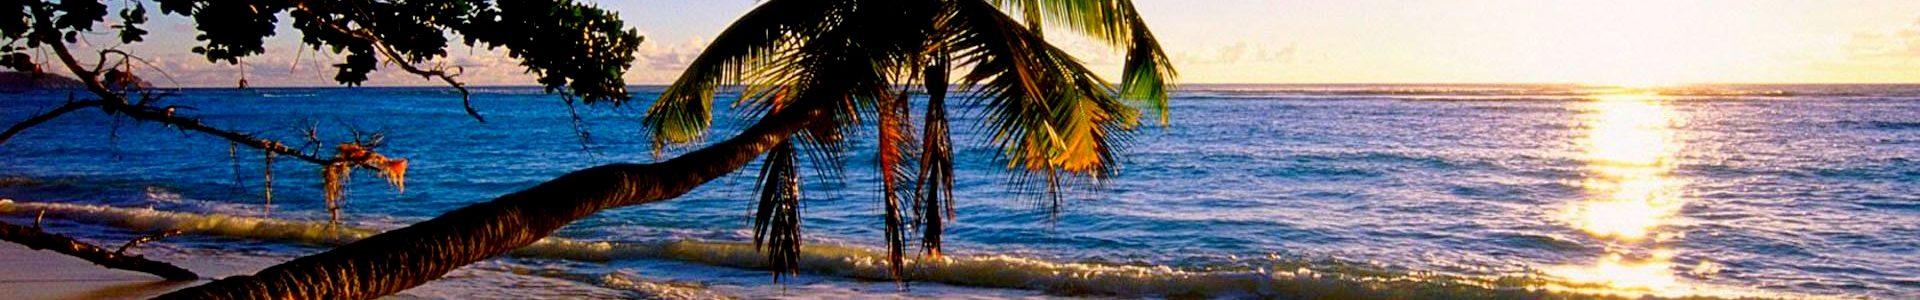 Гоа — райское местечко на берегу Аравийского моря